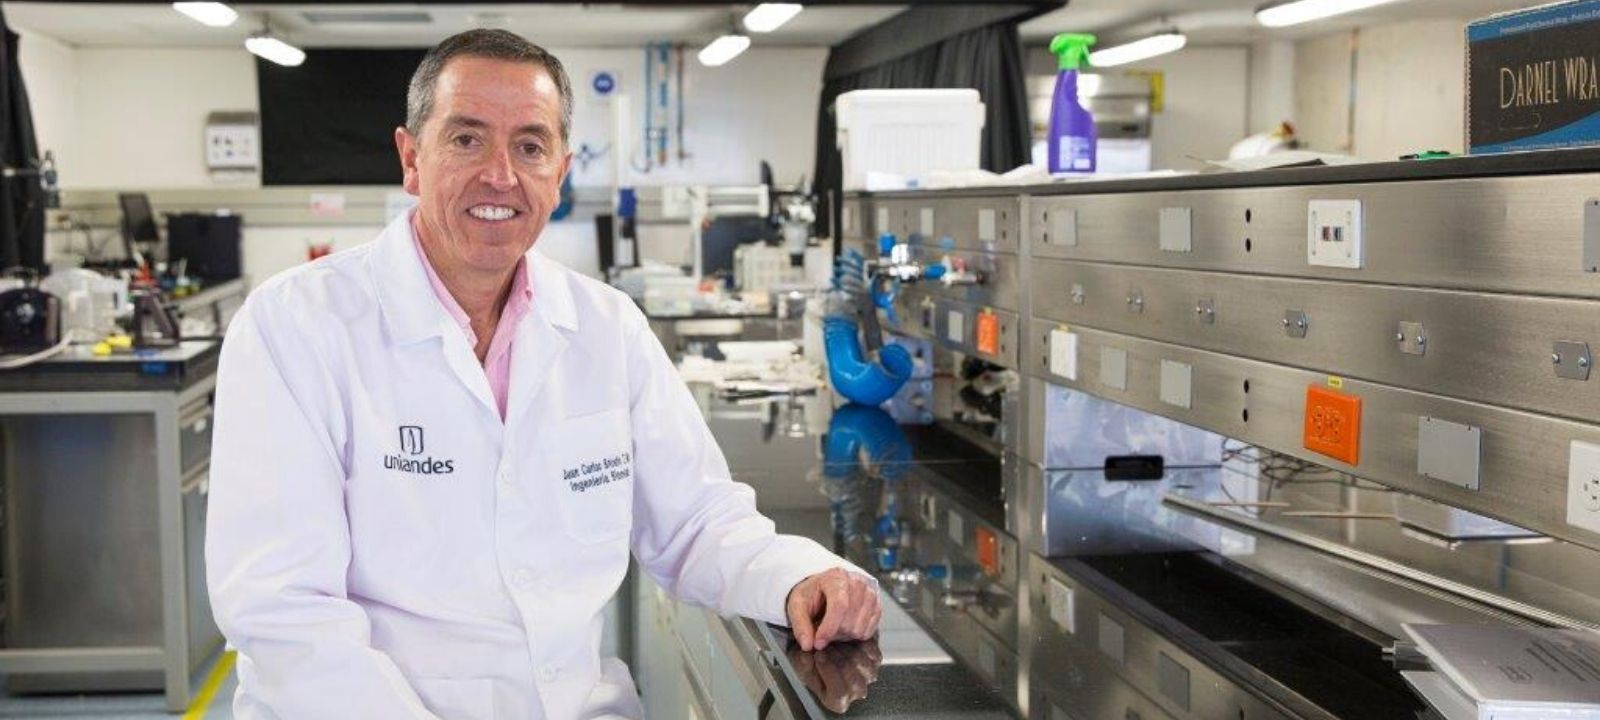 Juan Carlos Briceño, profesor de Ingeniería Biomédica y director de la Escuela de Posgrado e Investigación | Uniandes